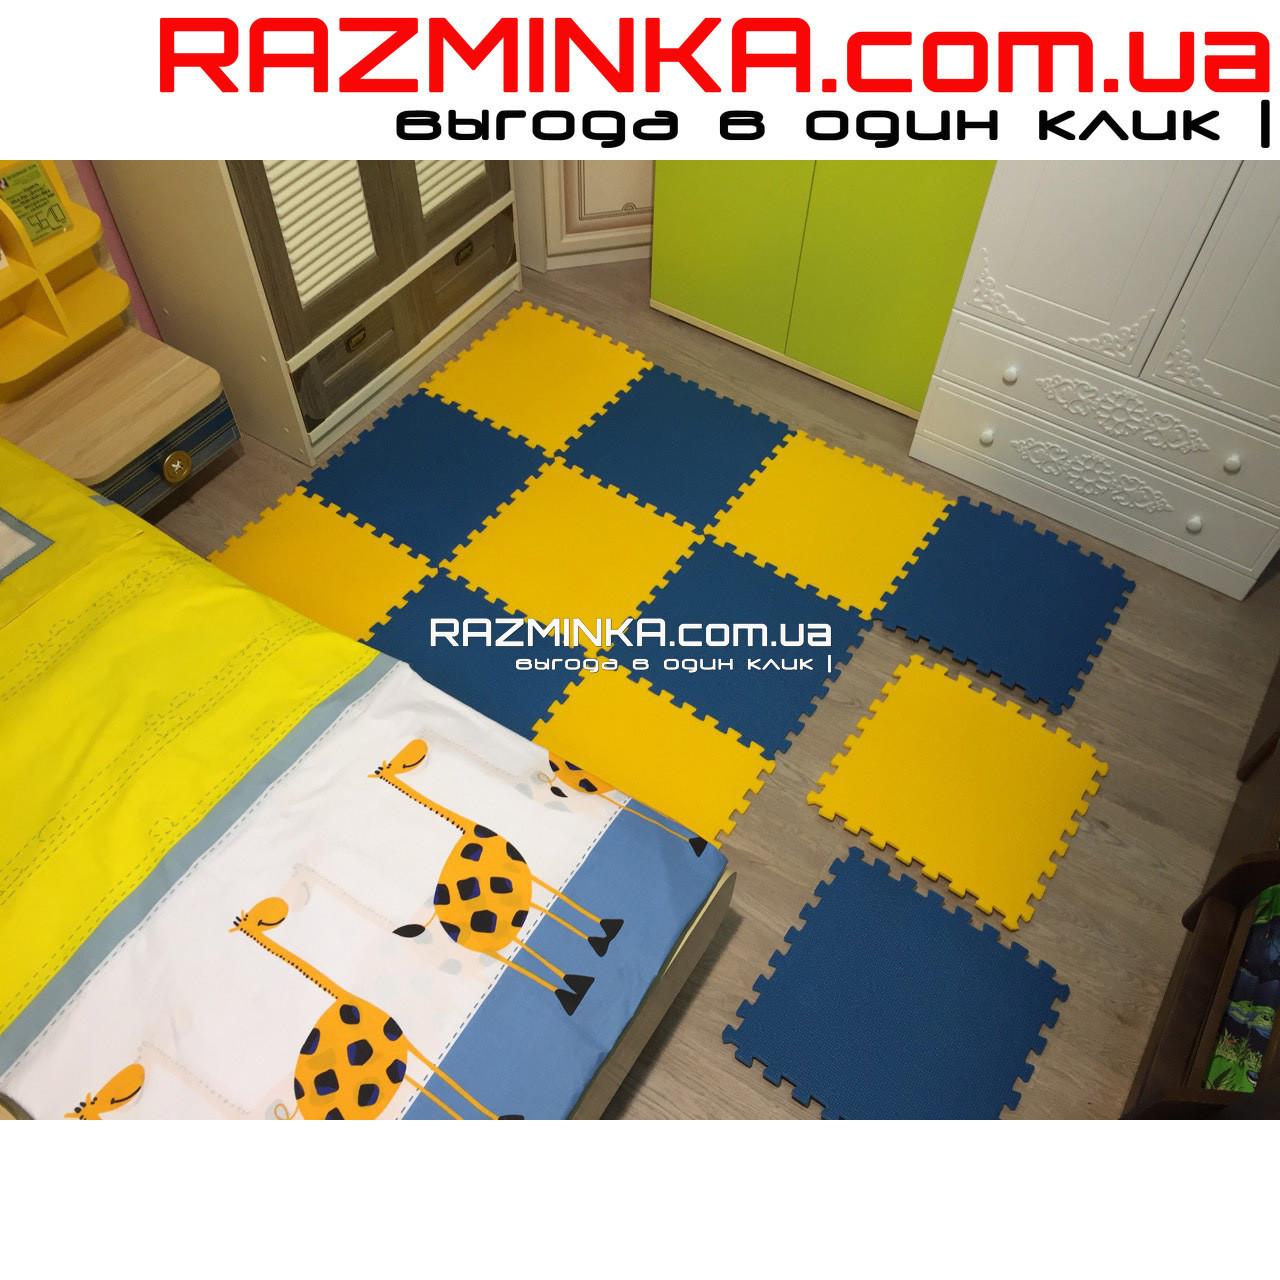 Мягкий пол для детских комнат 2,7м.кв. сине/желтый - оптово-розничный интернет магазин Разминка в Днепре